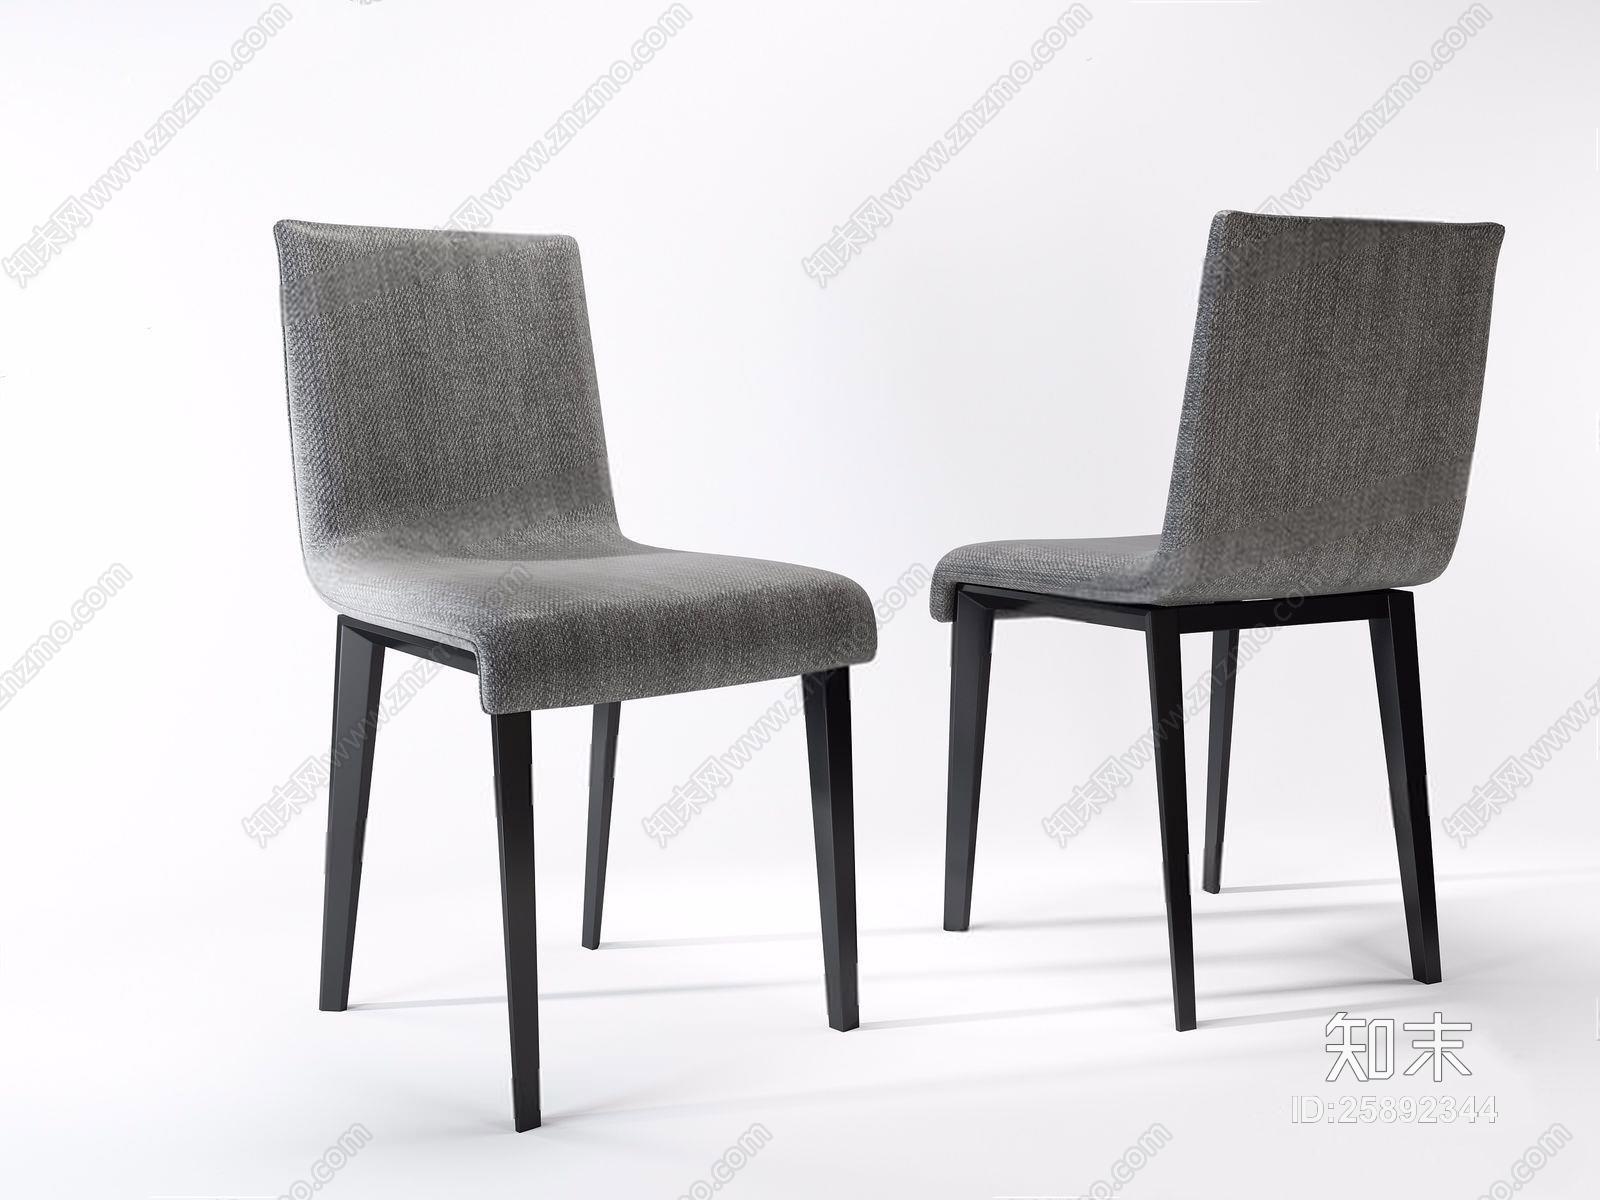 现代椅子 现代椅子 单椅 布面座椅 皮面座椅